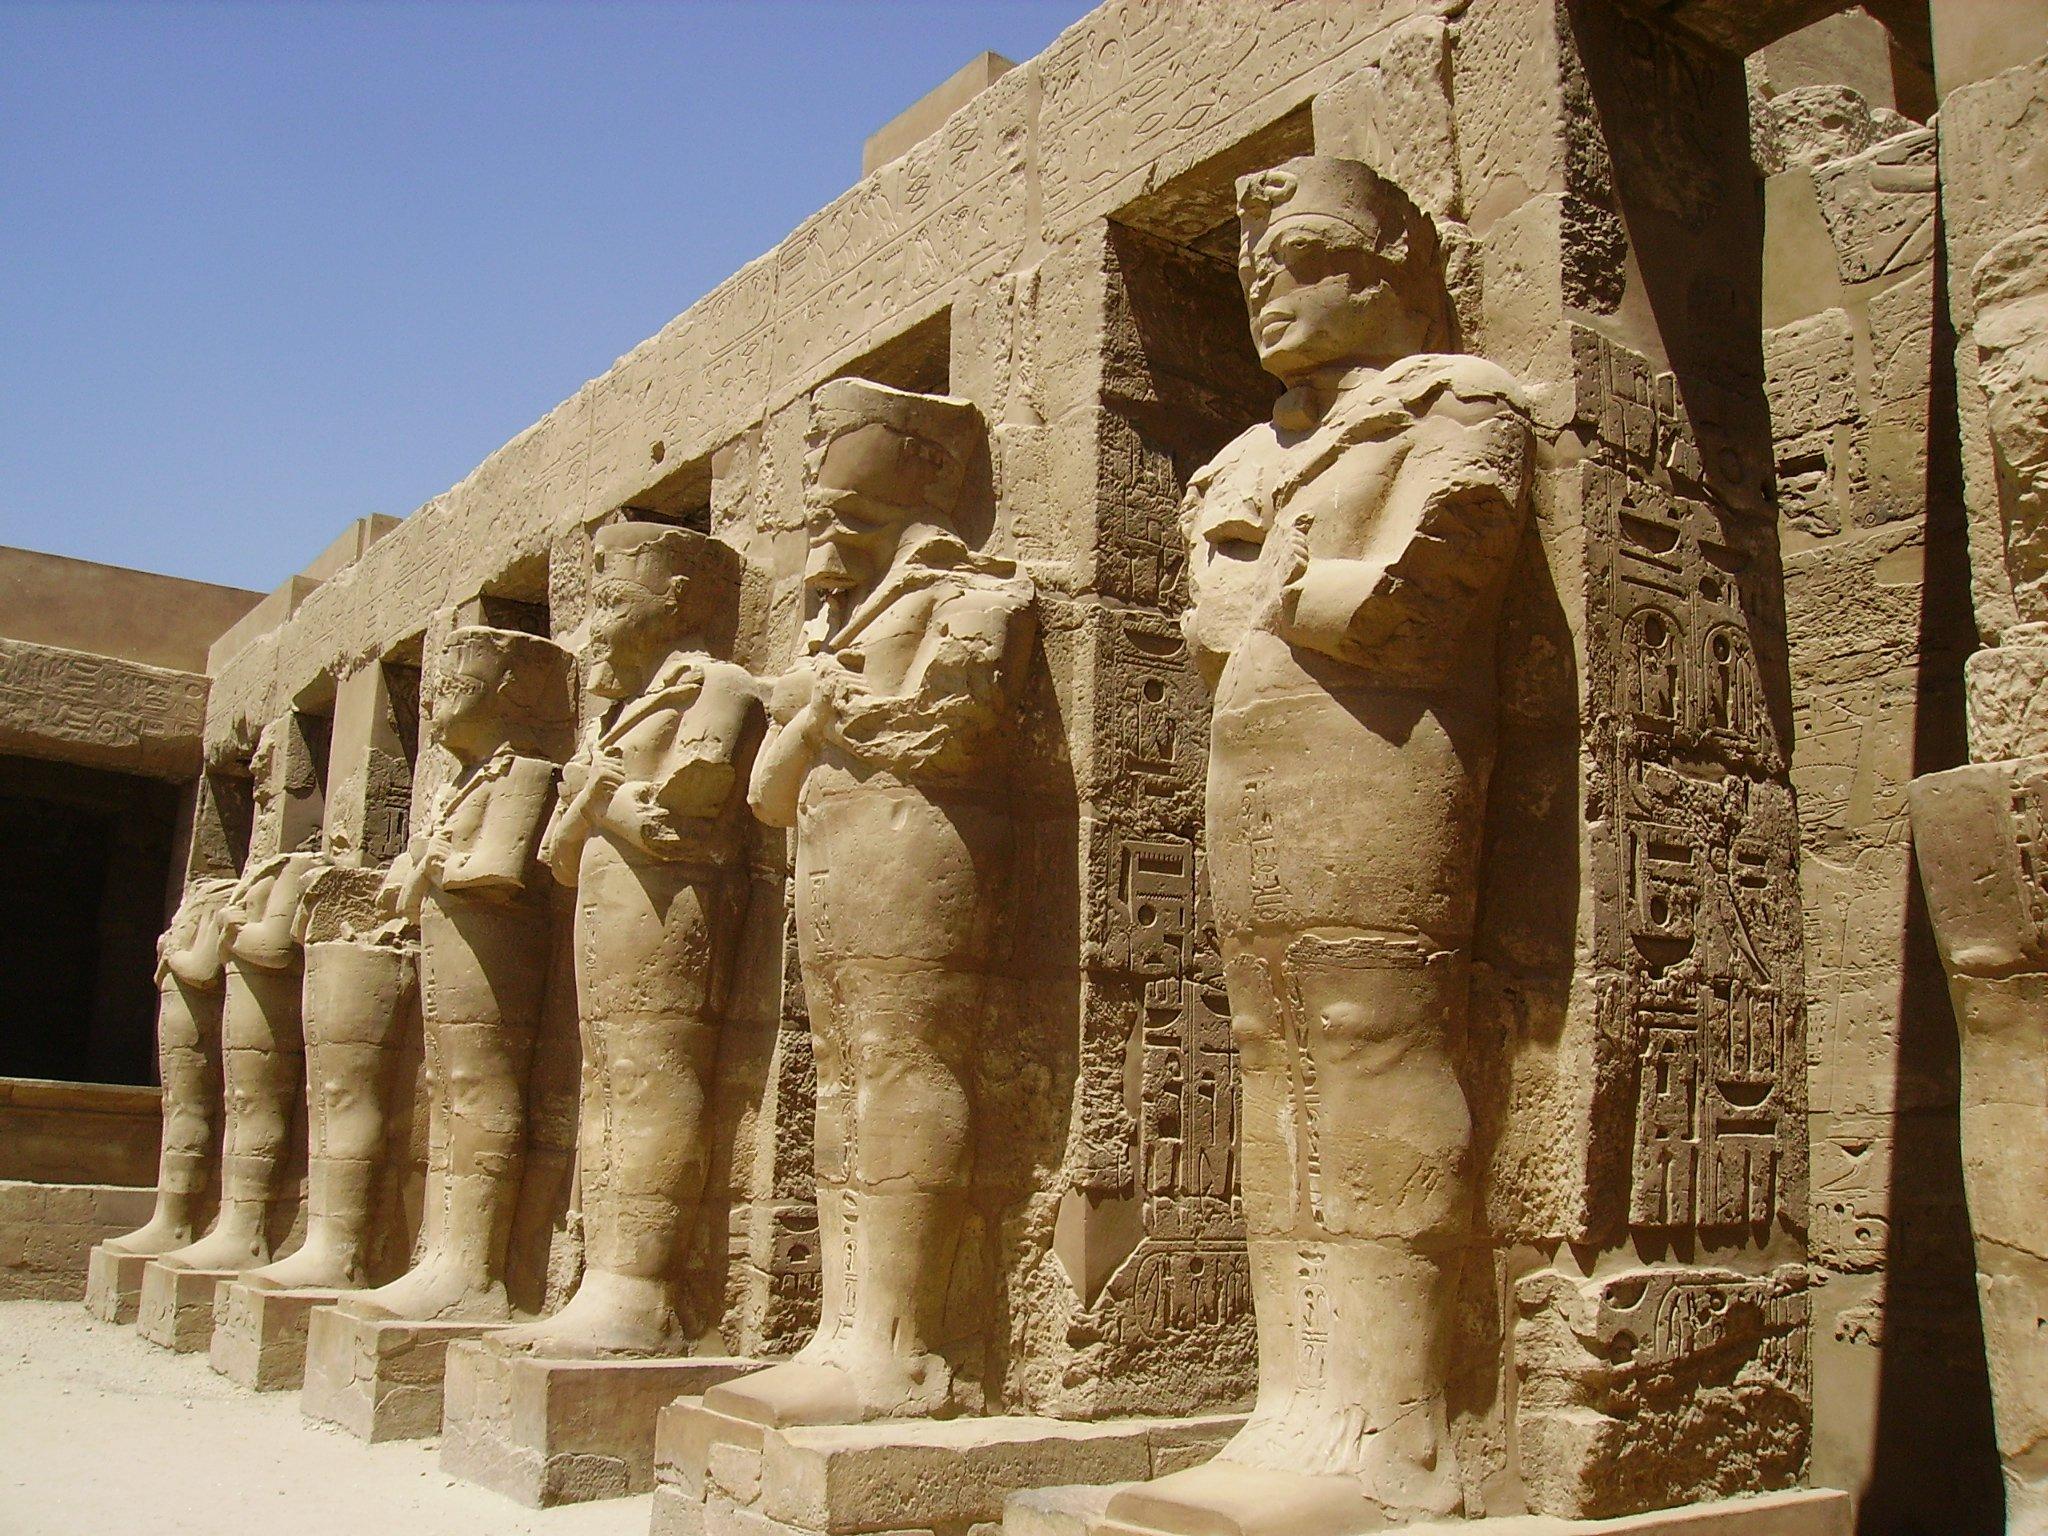 بالصور السياحة في مصر , شاهد بالصور اروع المعالم السياحة فى مصر 444 1